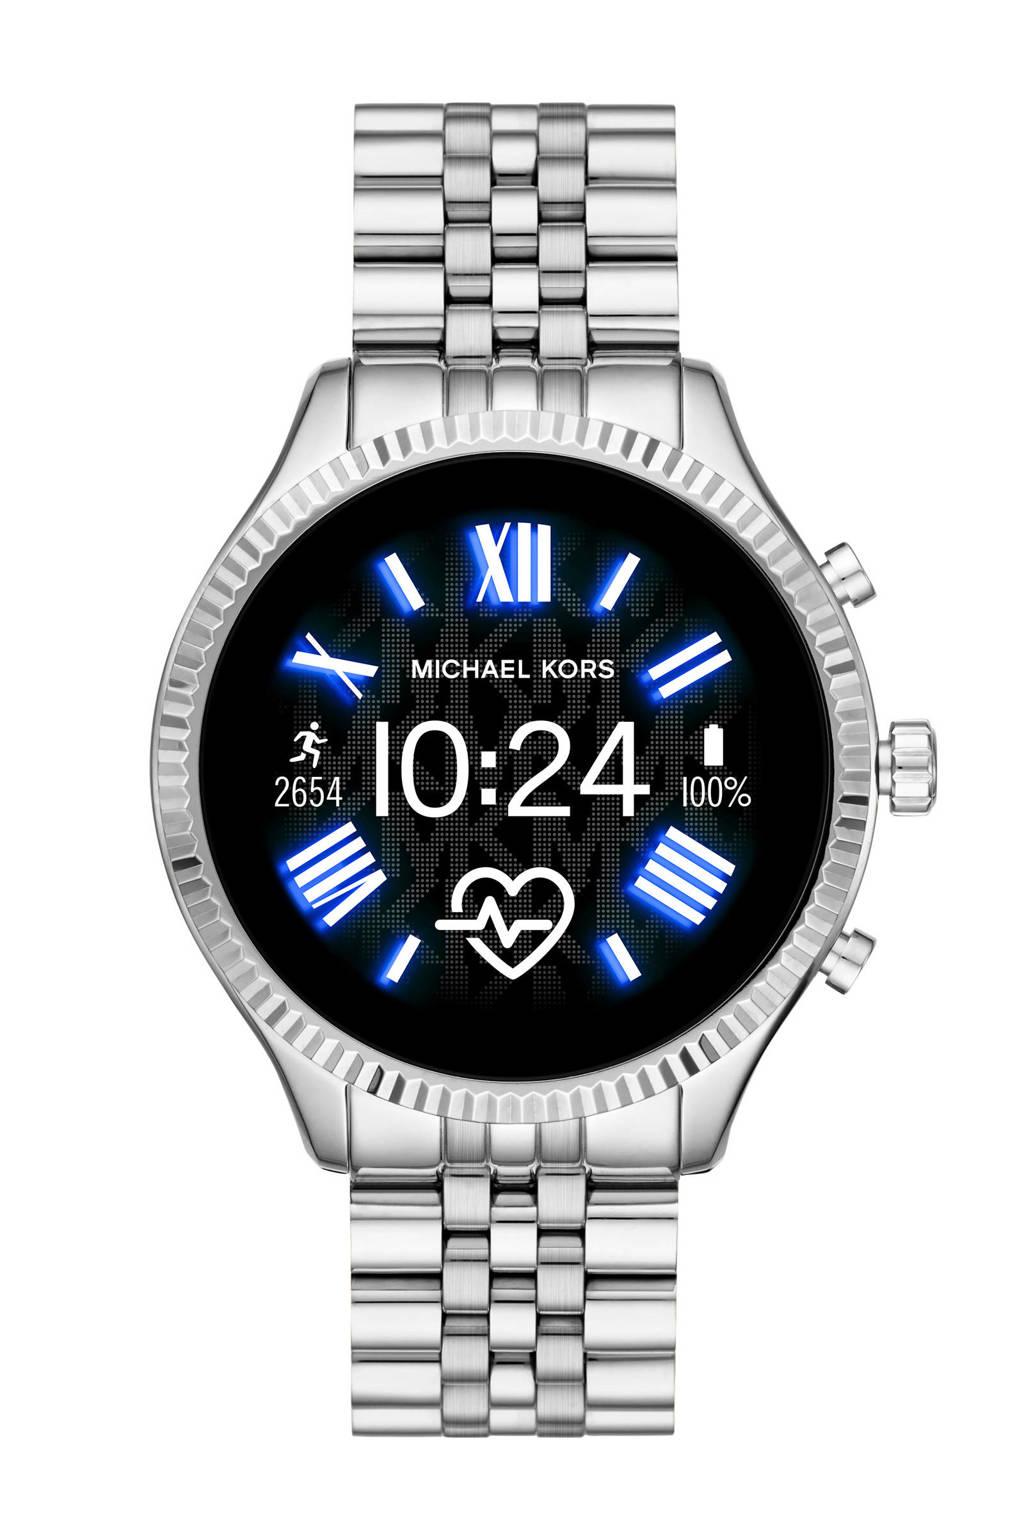 Michael Kors Lexington 2 Gen 5 Dames Display Smartwatch MKT5077, Zilver